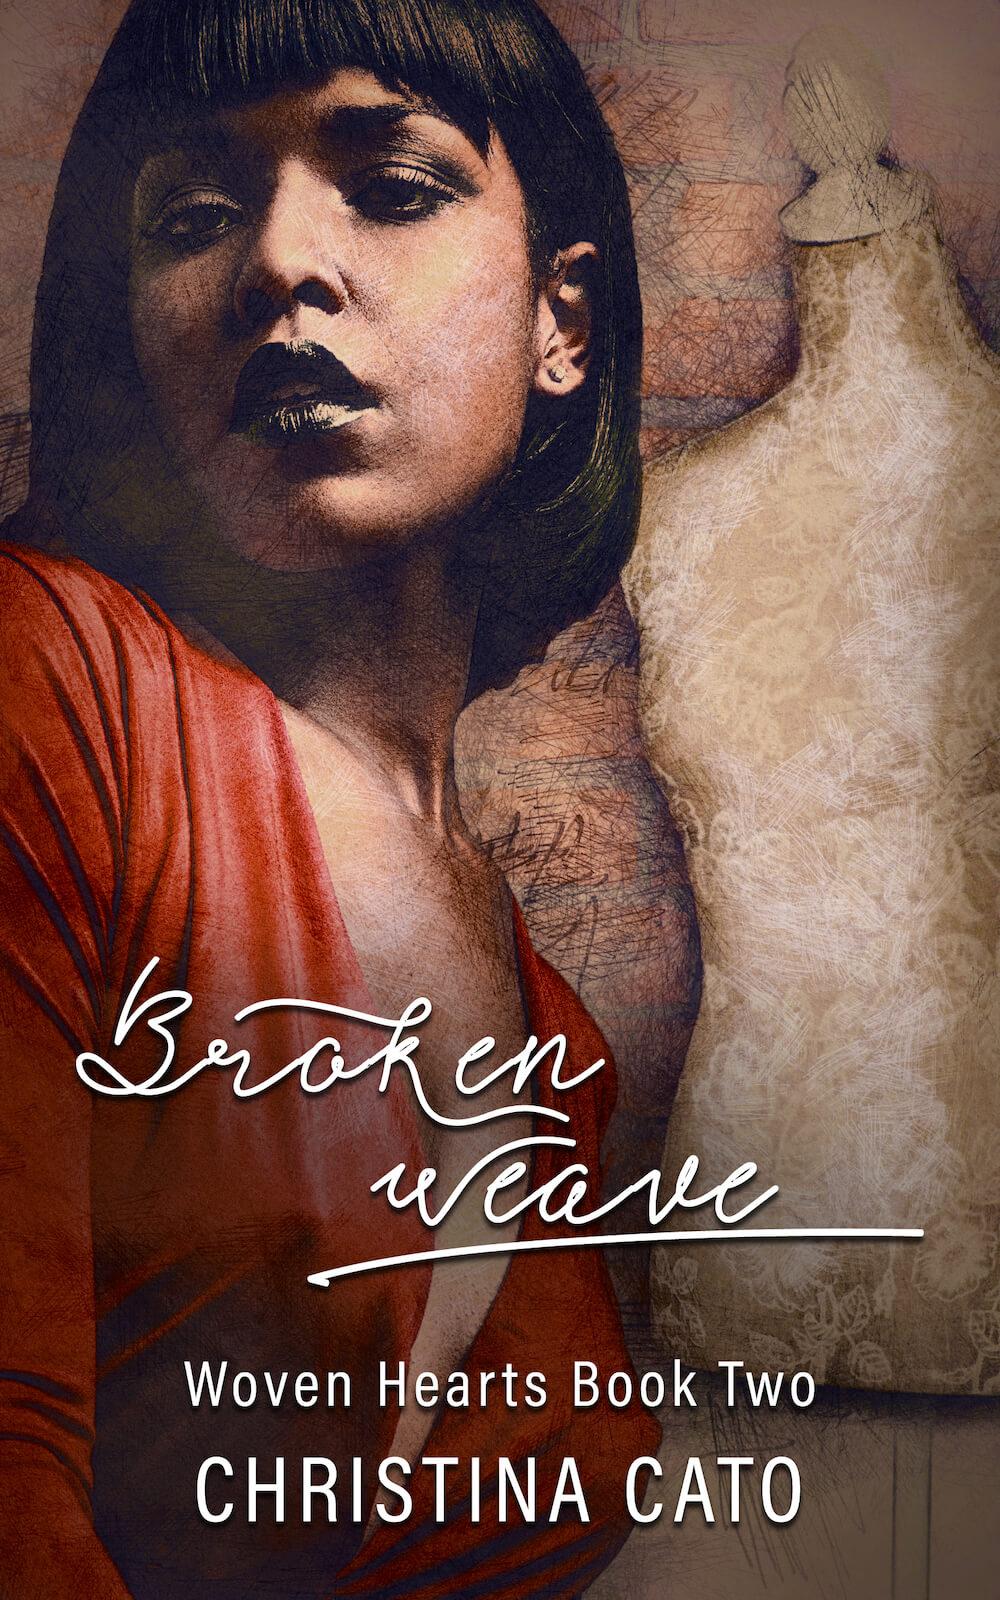 Christina Cato Woven Hearts book 2